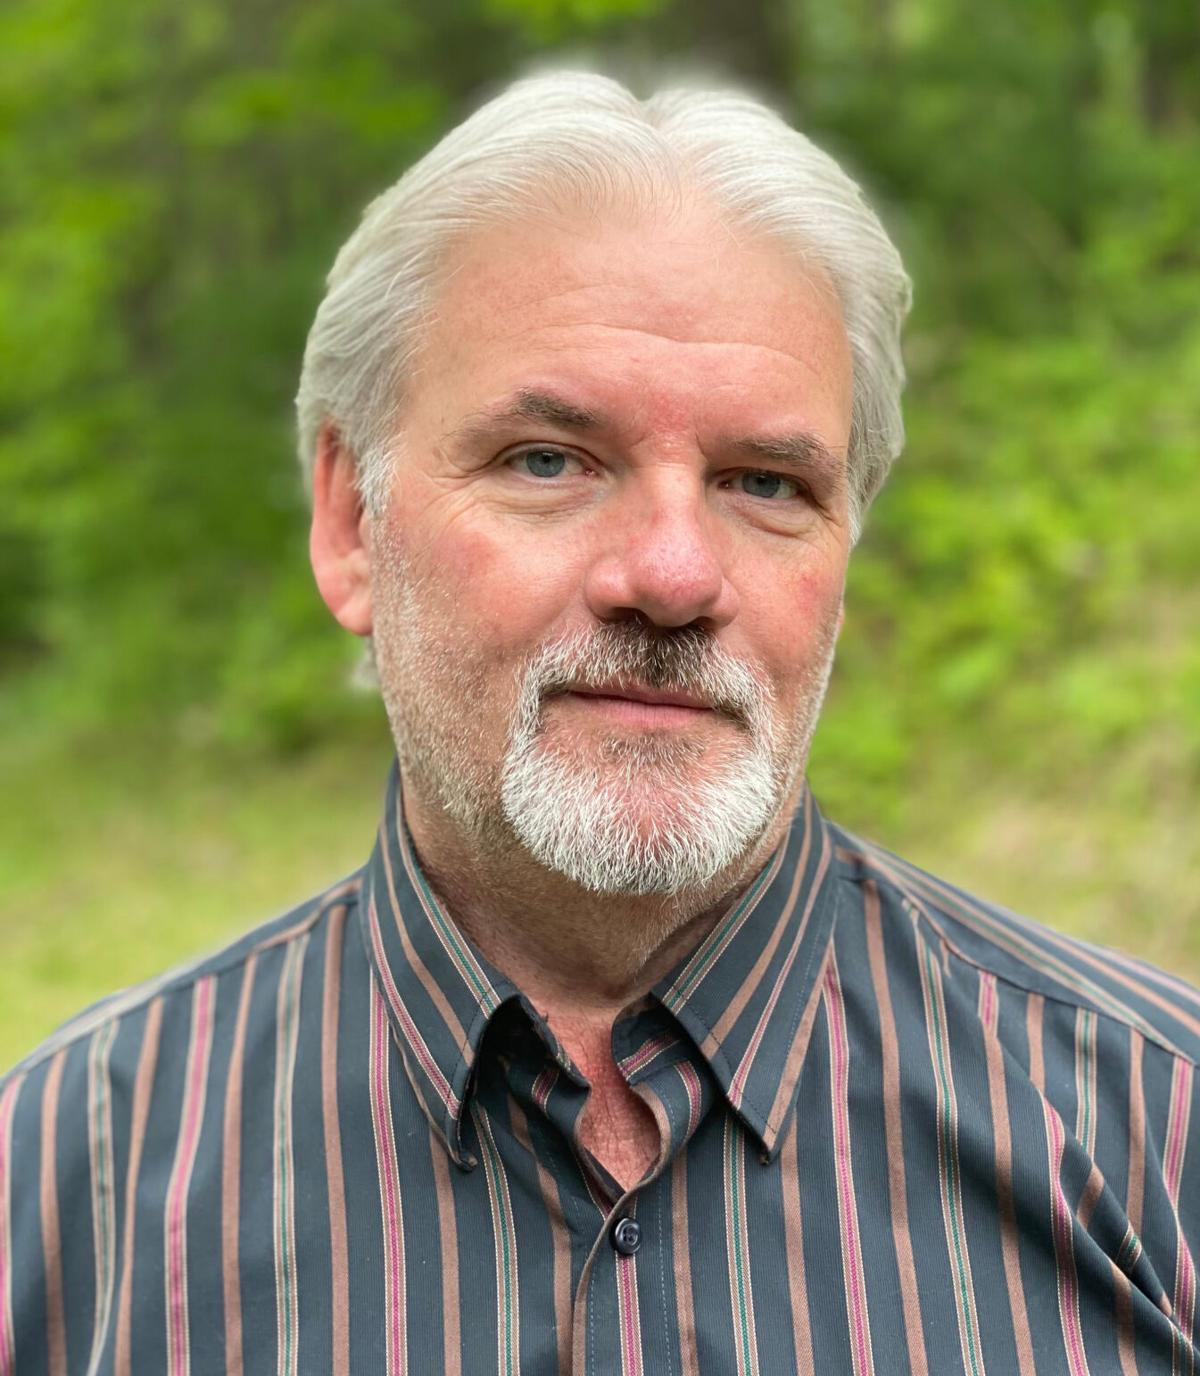 Jim Gehrke